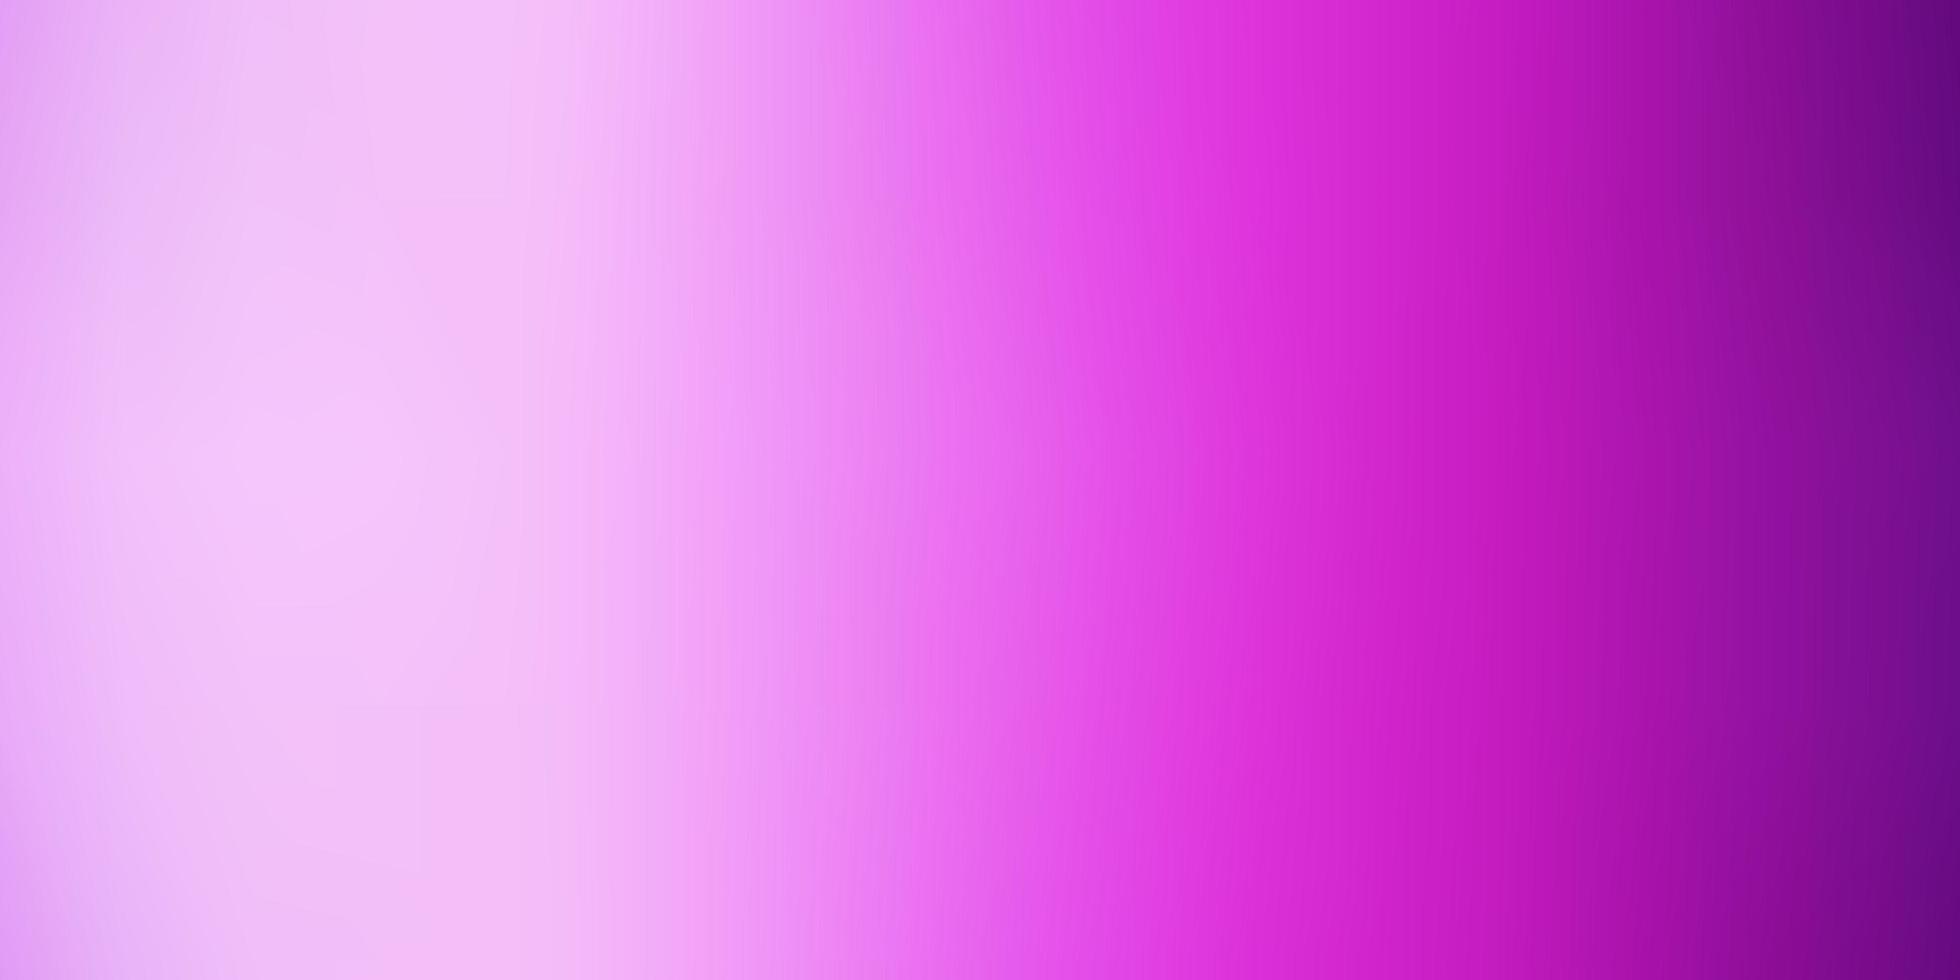 ljus lila, rosa vektor smart suddigt mönster.